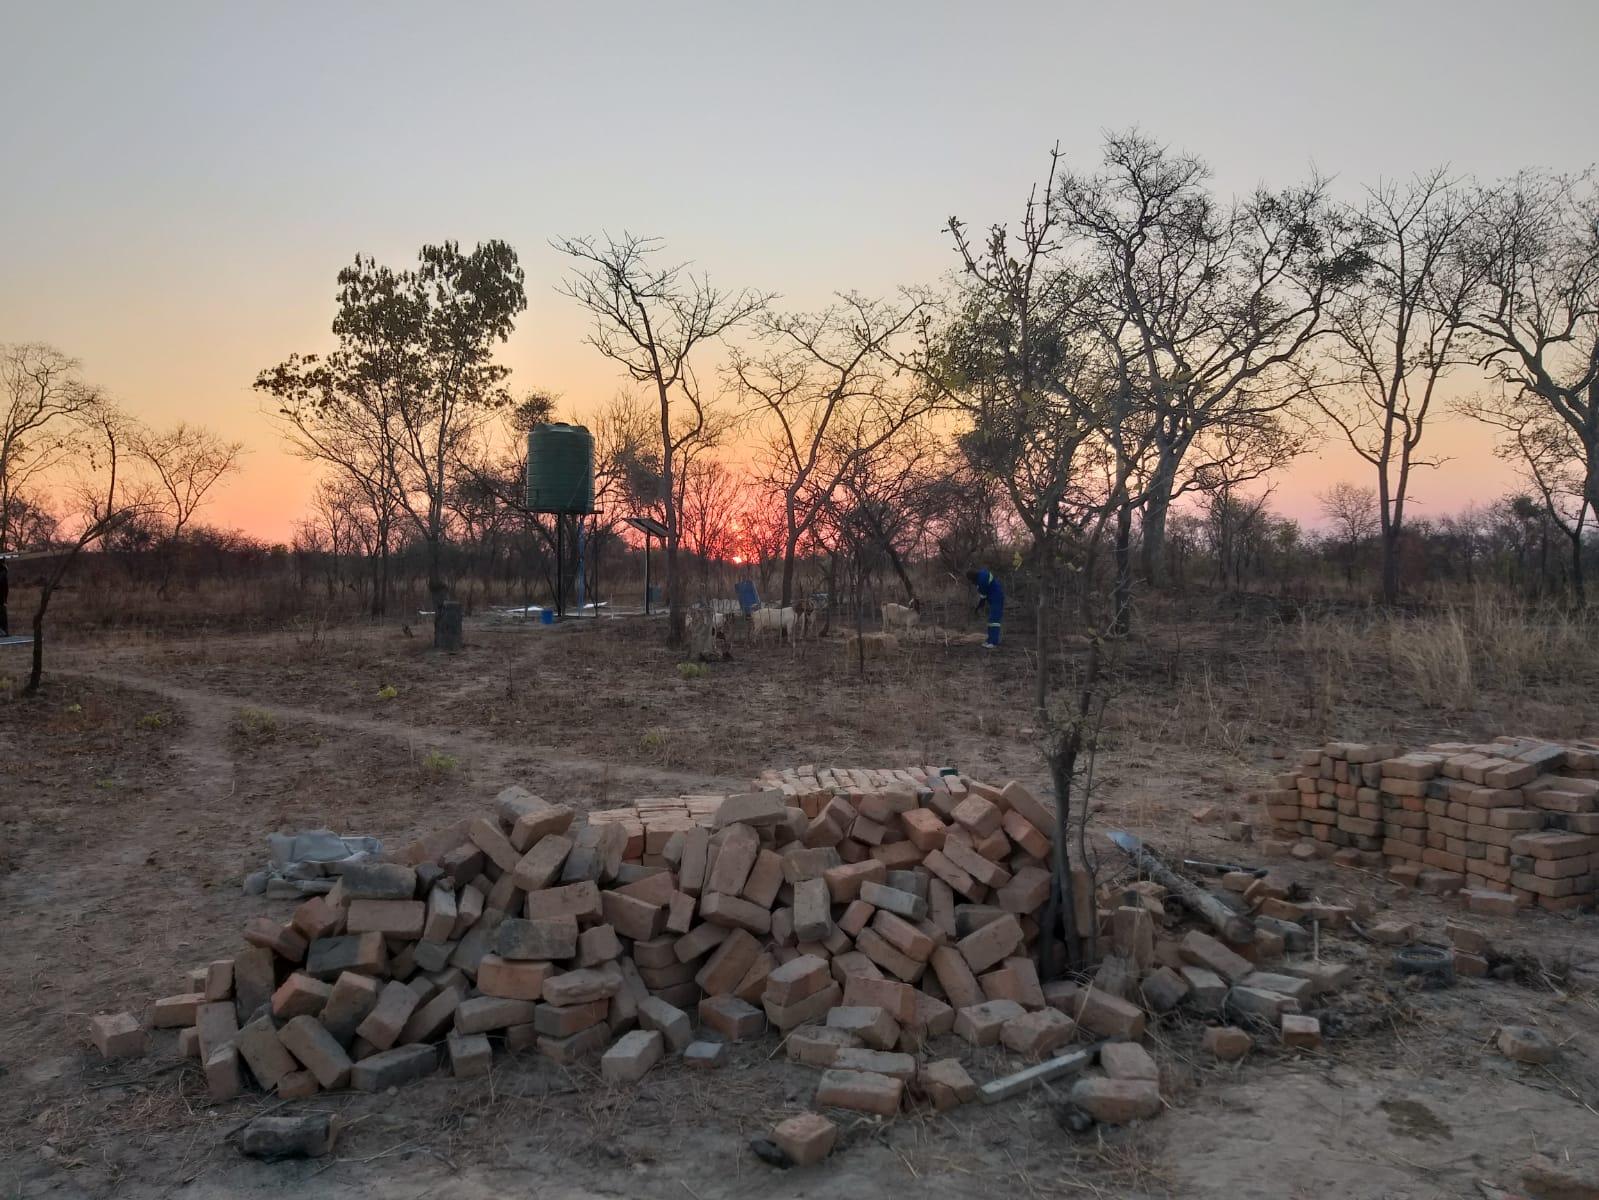 Musangano  – Infoabend im November